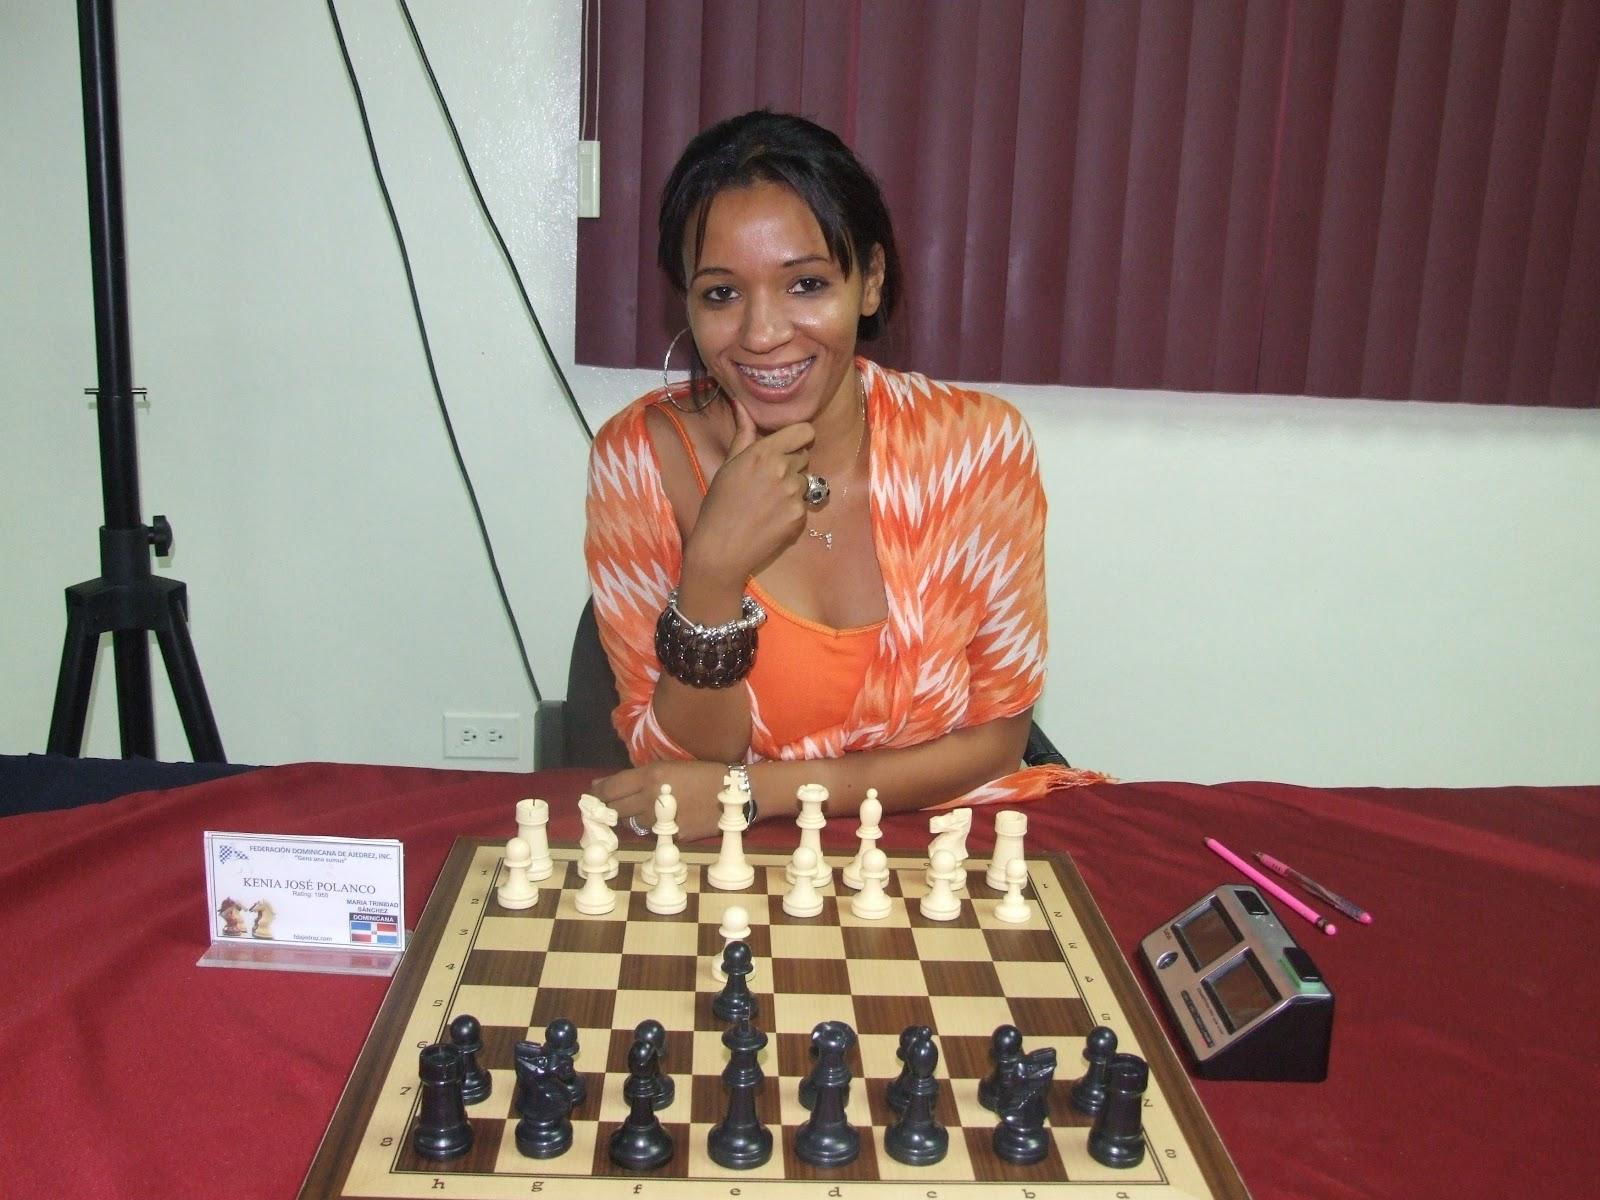 Fotos de la sexta ronda de la olimpiada de ajedrez Turquía 2012